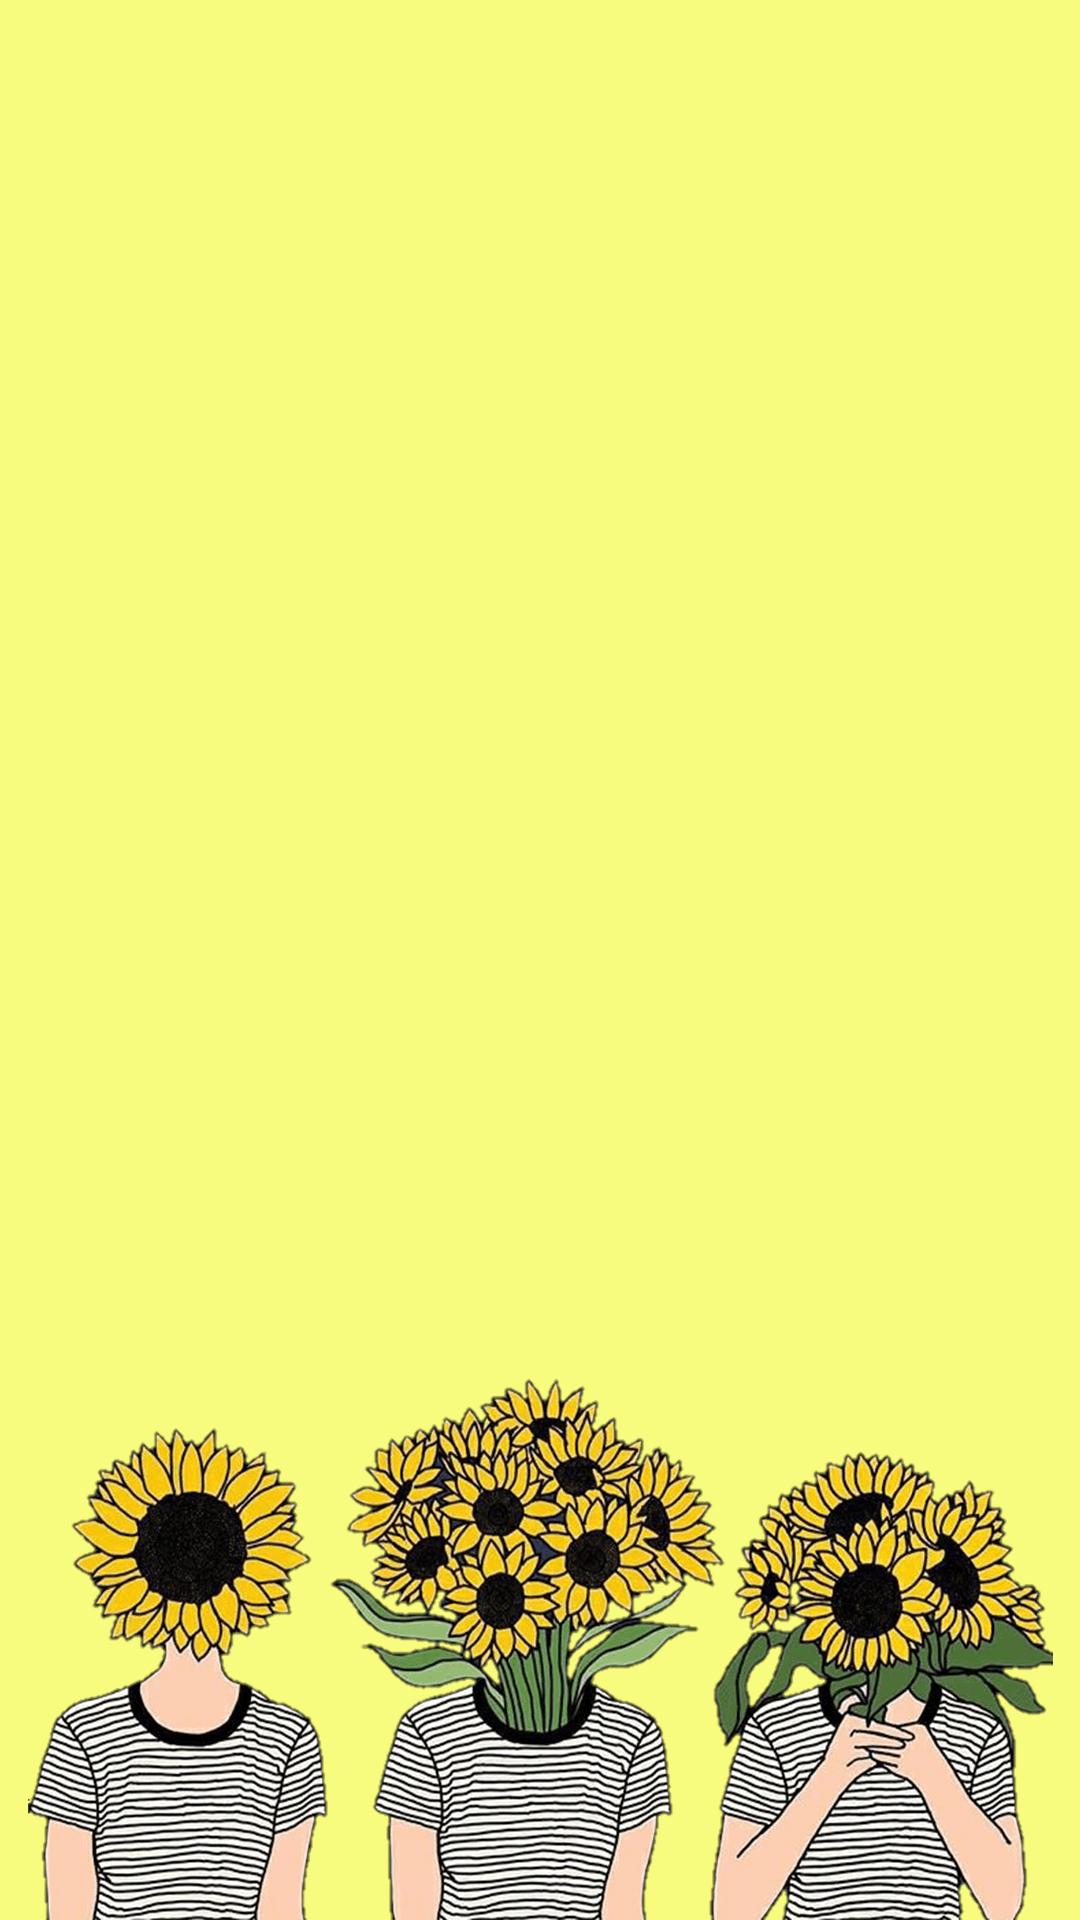 Yellow Aesthetic Desktop Wallpaper